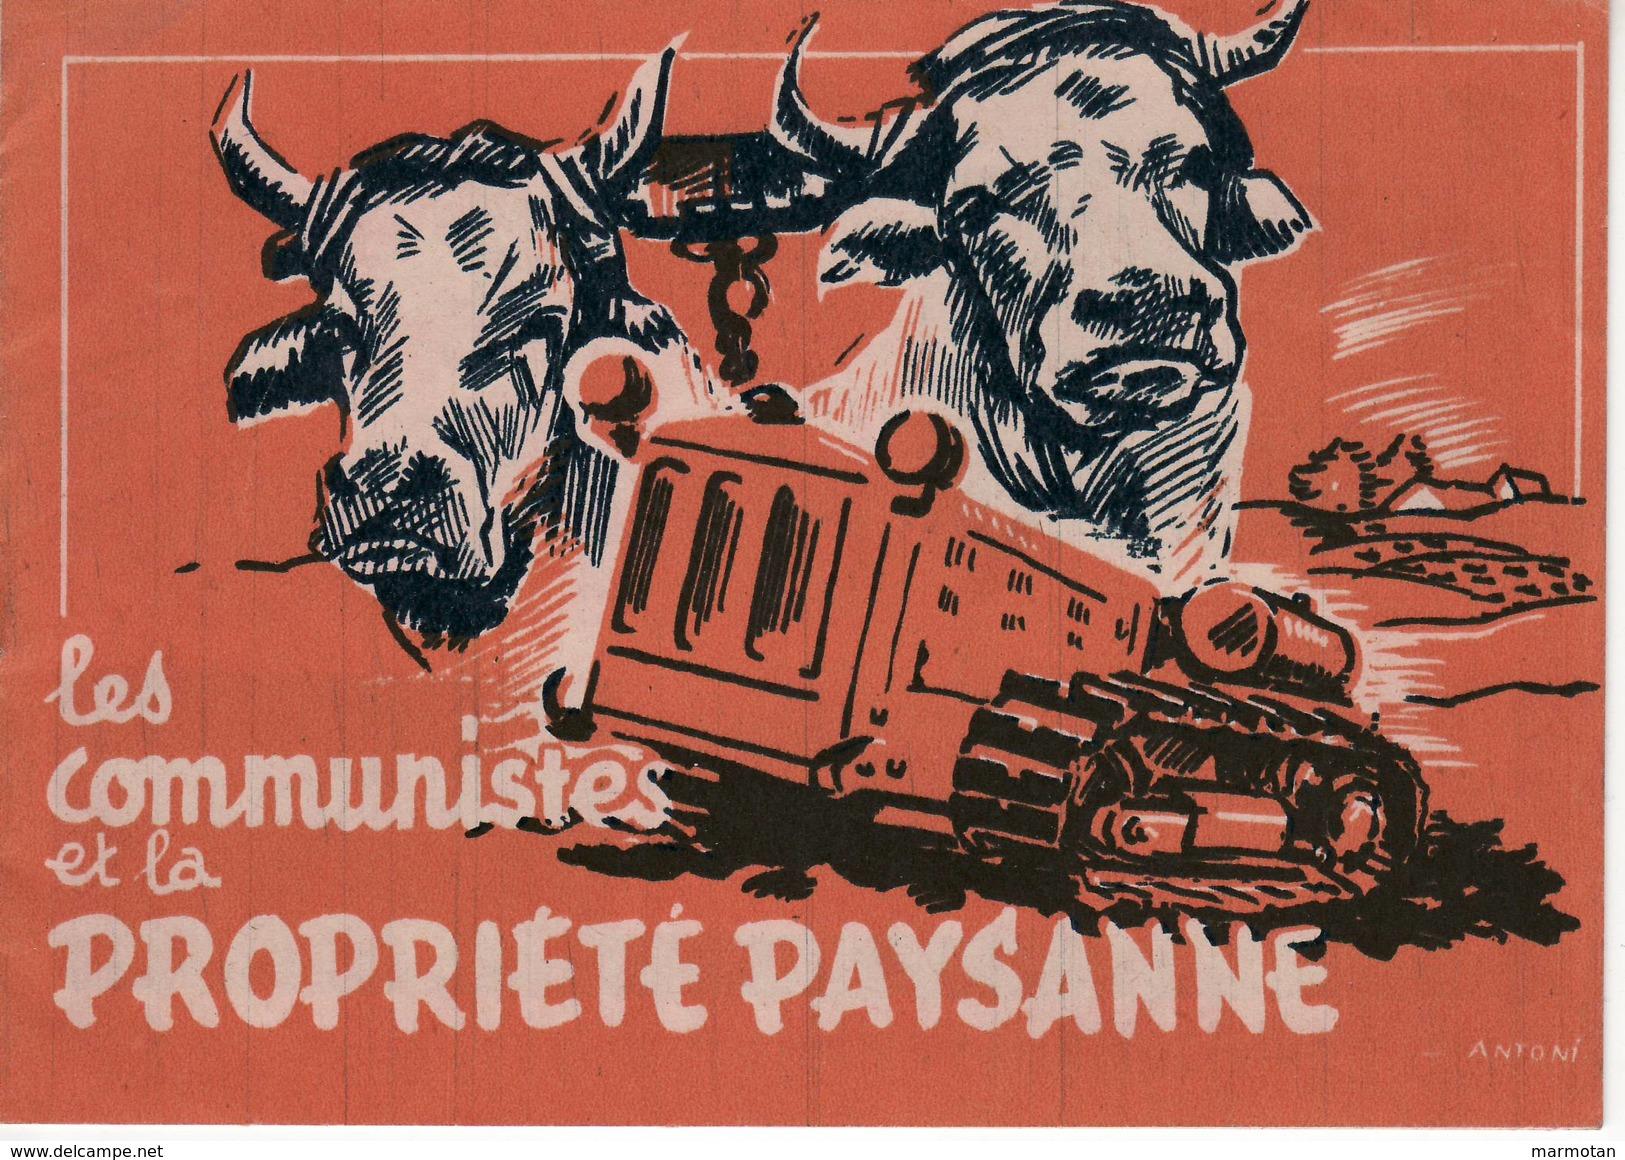 Les Communistes Et La Propriété Paysanne. Livret De 16 Pages Du Parti Communiste Français (PCF), Années 1950 - Documenti Storici